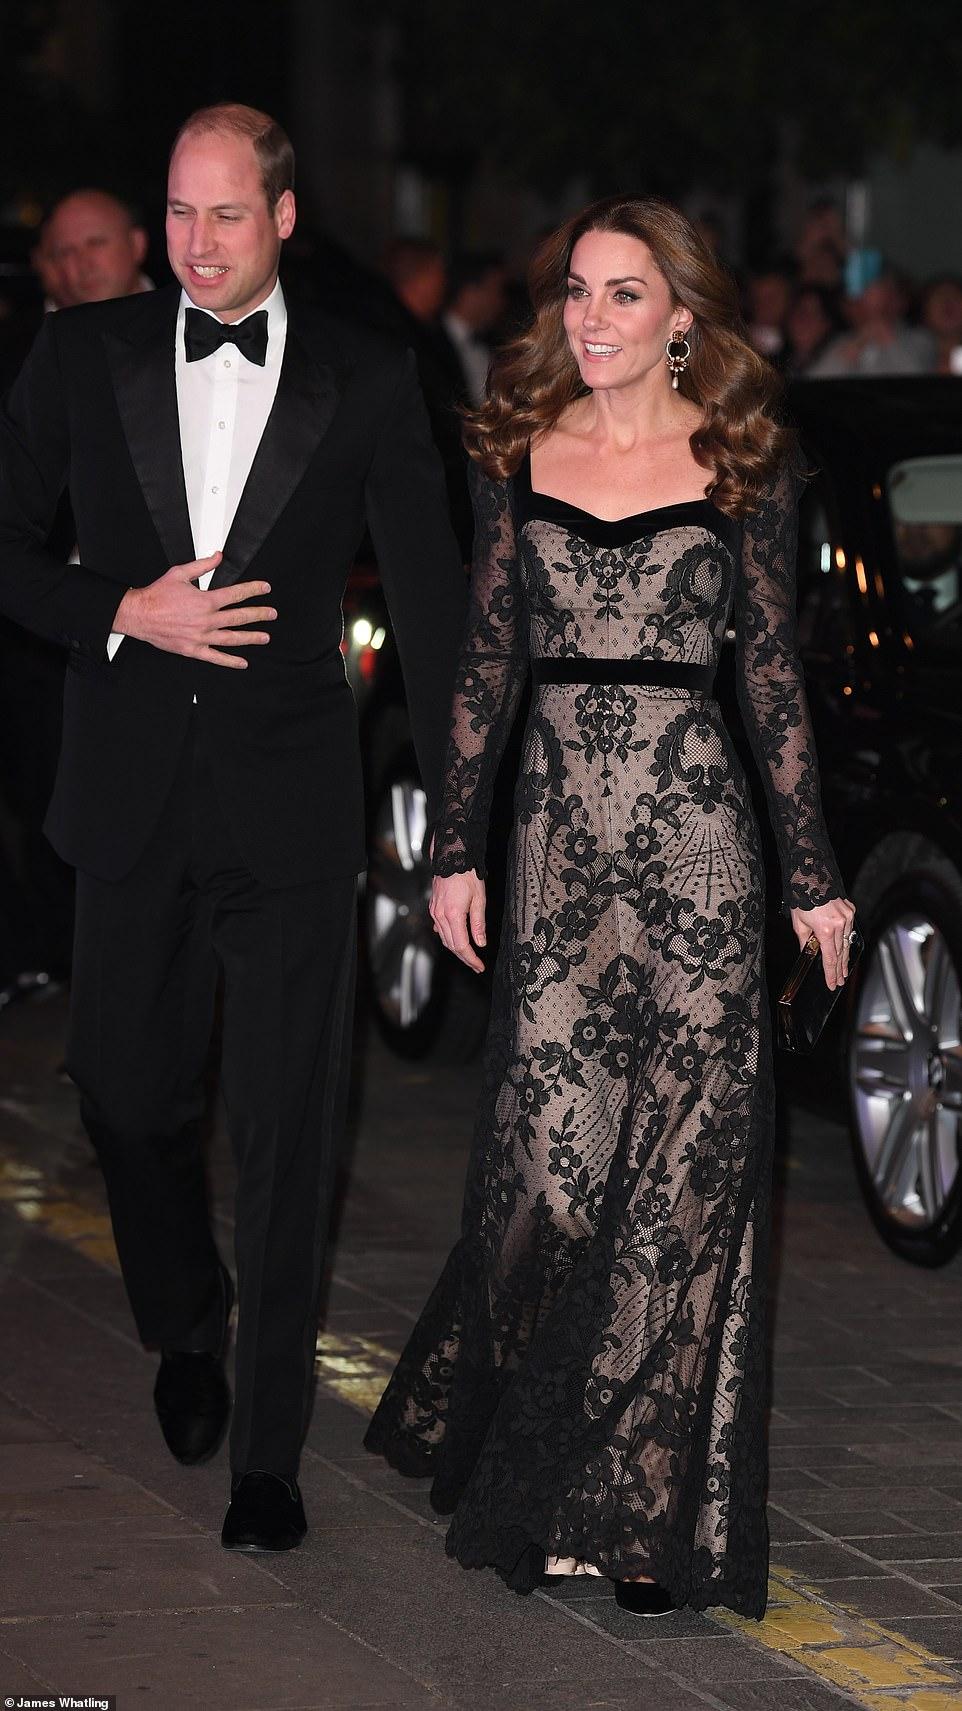 Кейт Миддлтон вышла в свет в платье с «голым эффектом» — фото